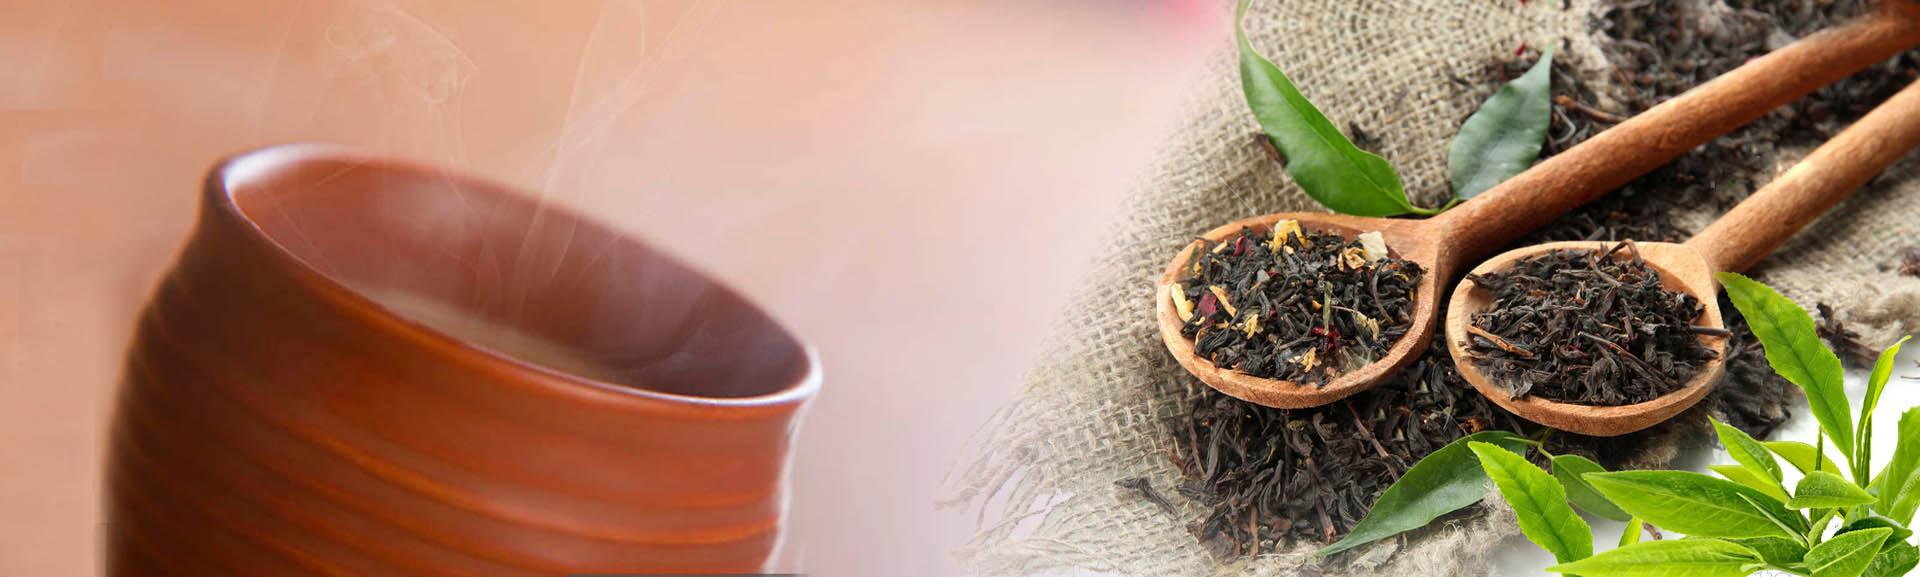 قیمت چای درجه یک لاهیجان